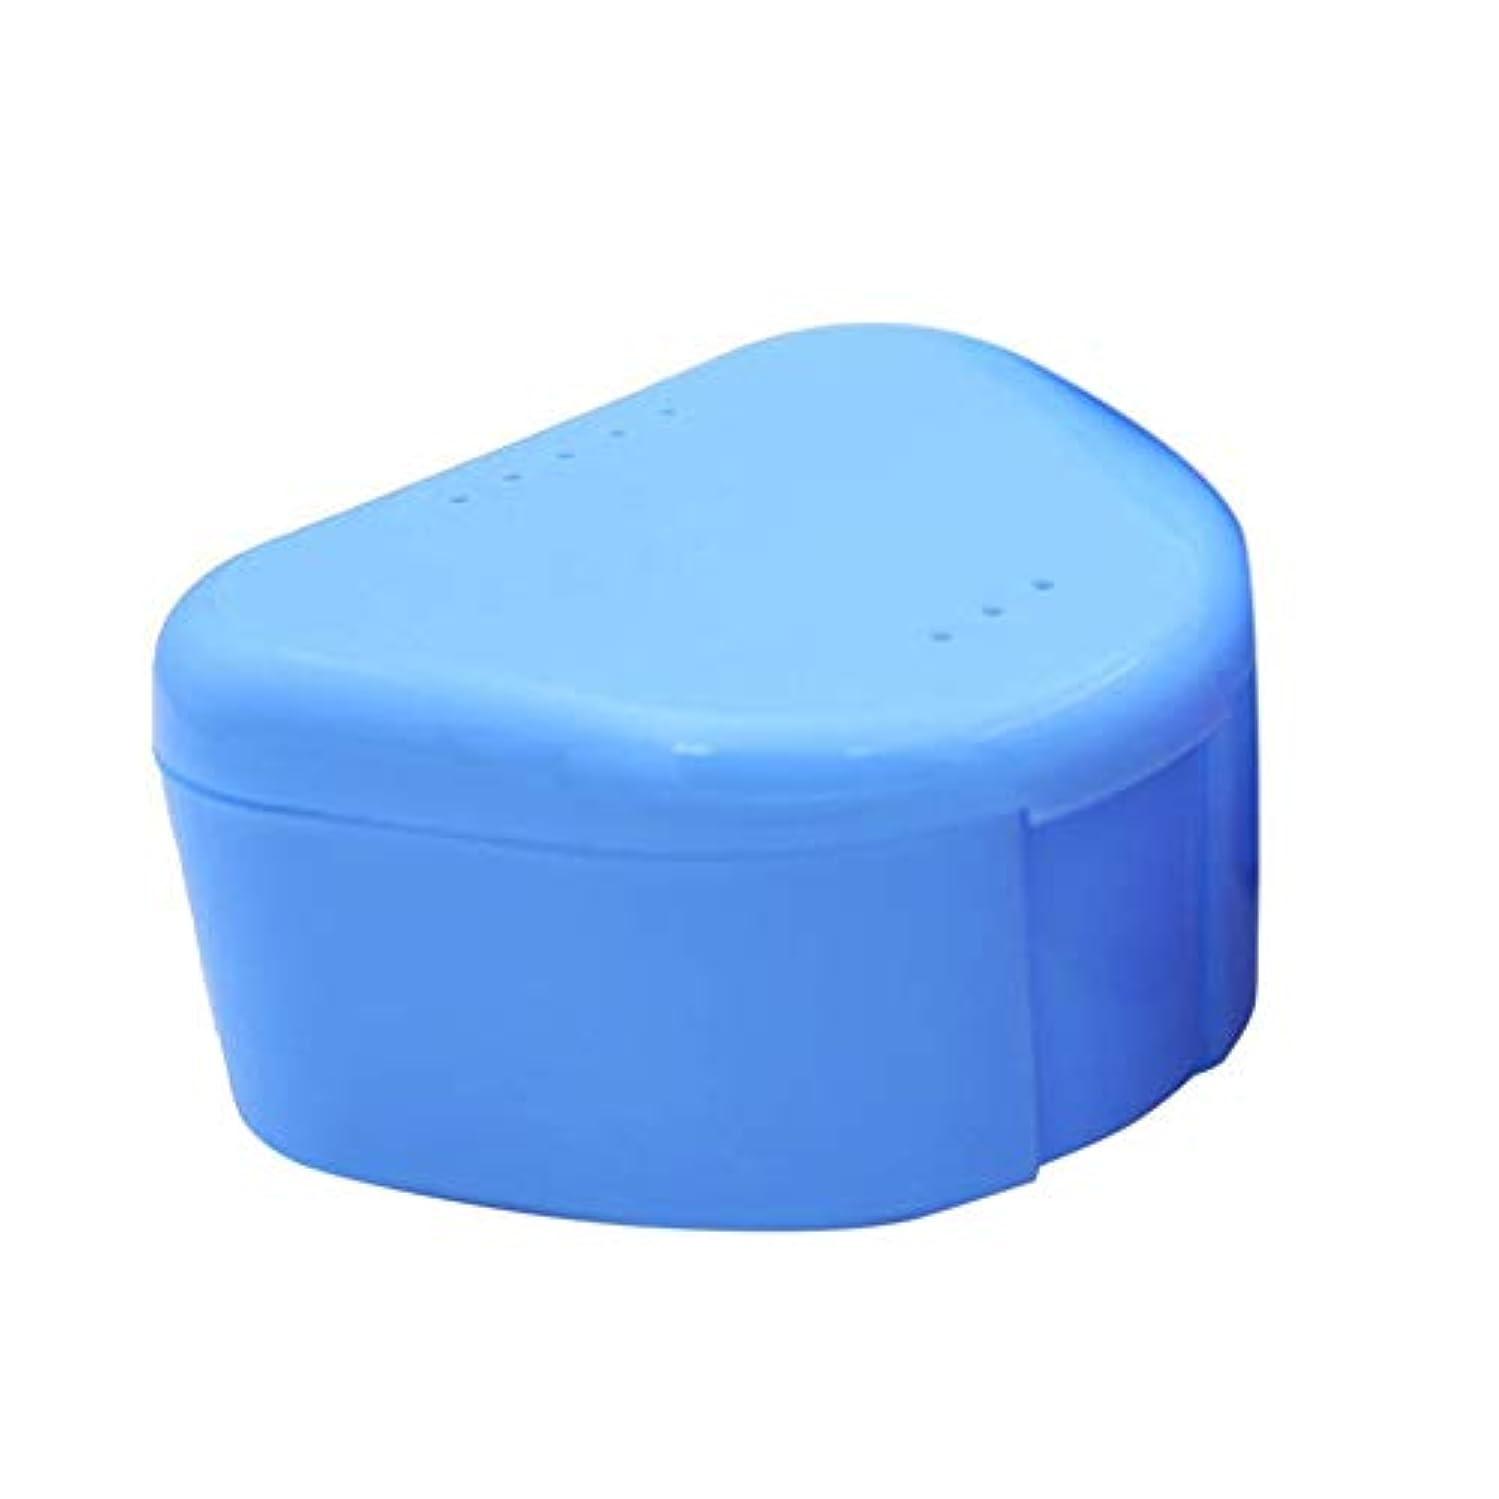 アボートディレクトリ腸デンタルリテーナーケースデンタルブレース偽歯収納ケースボックスマウスピースオーガナイザーオーラルヘルスケアデンタルトレイボックス(Color:random)